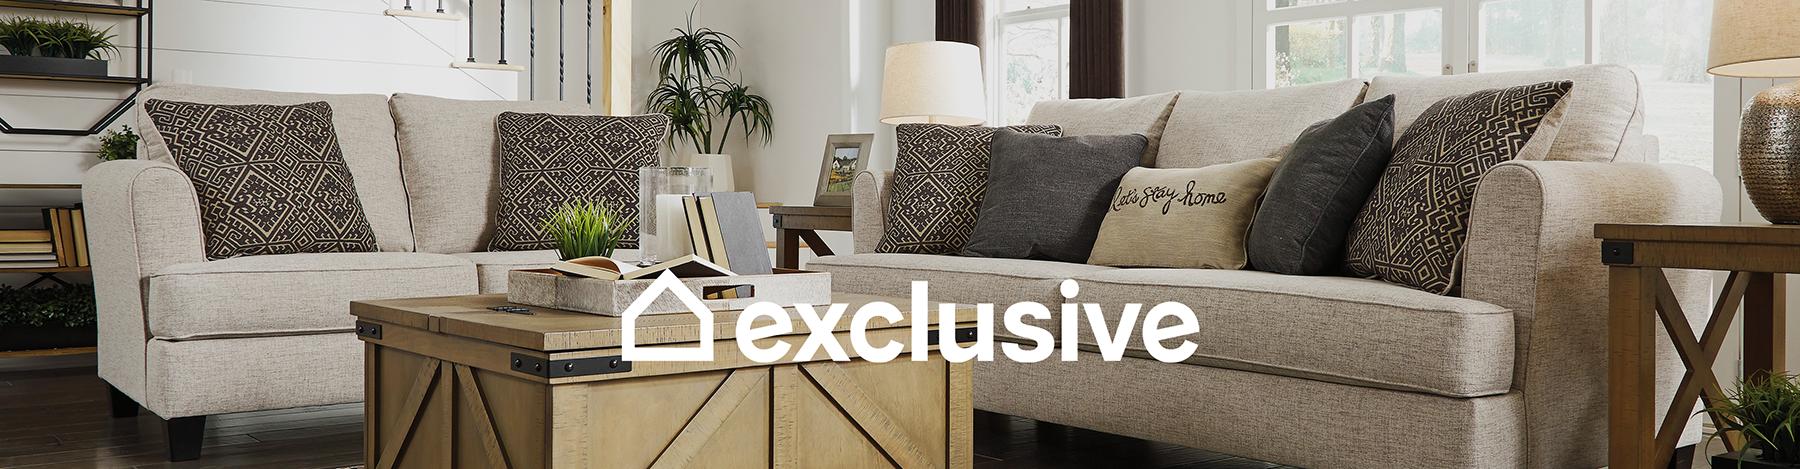 Exclusive - Ashley HomeStore - Canada on ashley amazon, ashley warehouse, ashley recliners, ashley sectional, ashley sofa, ashley furniture,